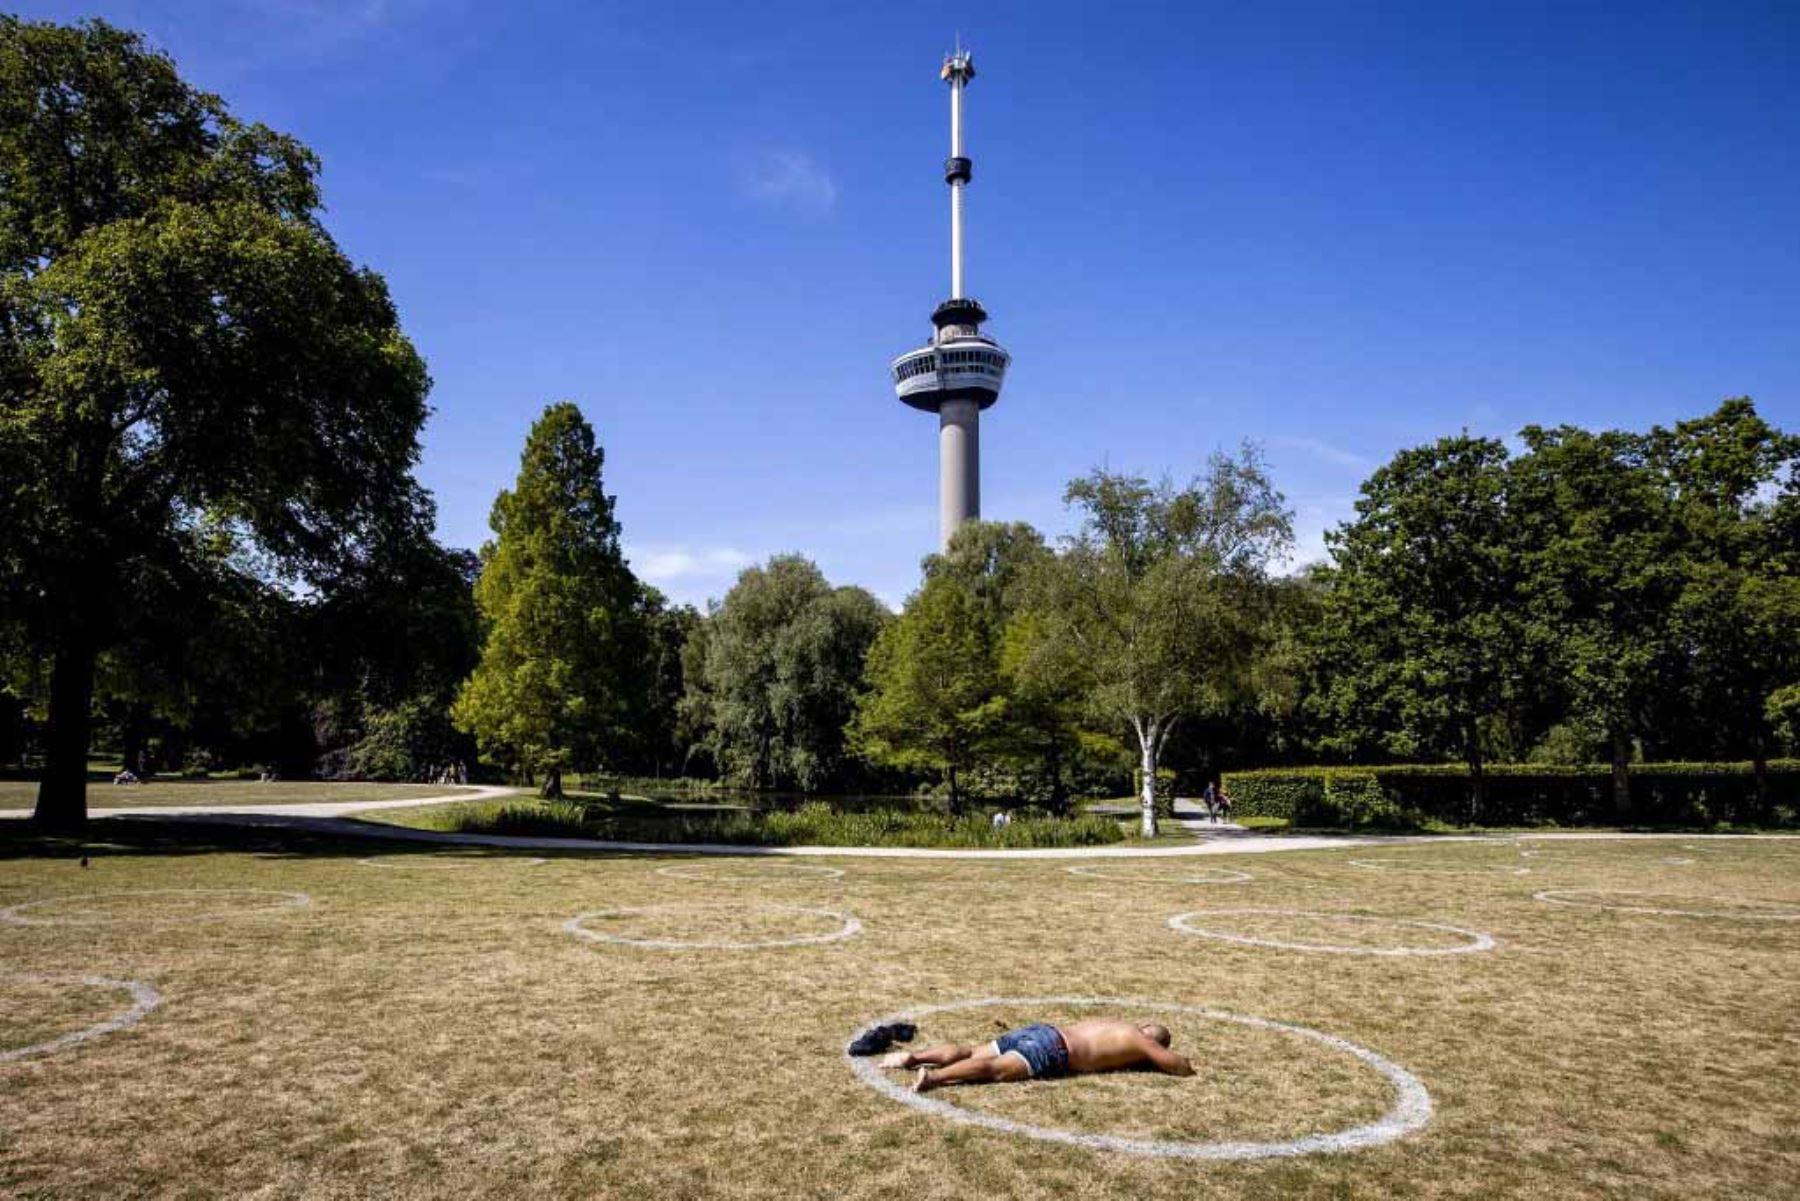 Un hombre toma el sol en el césped en uno de los muchos círculos blancos pintados a 1,5 metros de distancia por el municipio en el parque Kralingse Bos, para garantizar el distanciamiento social entre las personas que desean sentarse o tumbarse en el suelo en Rotterdam. Foto: AFP